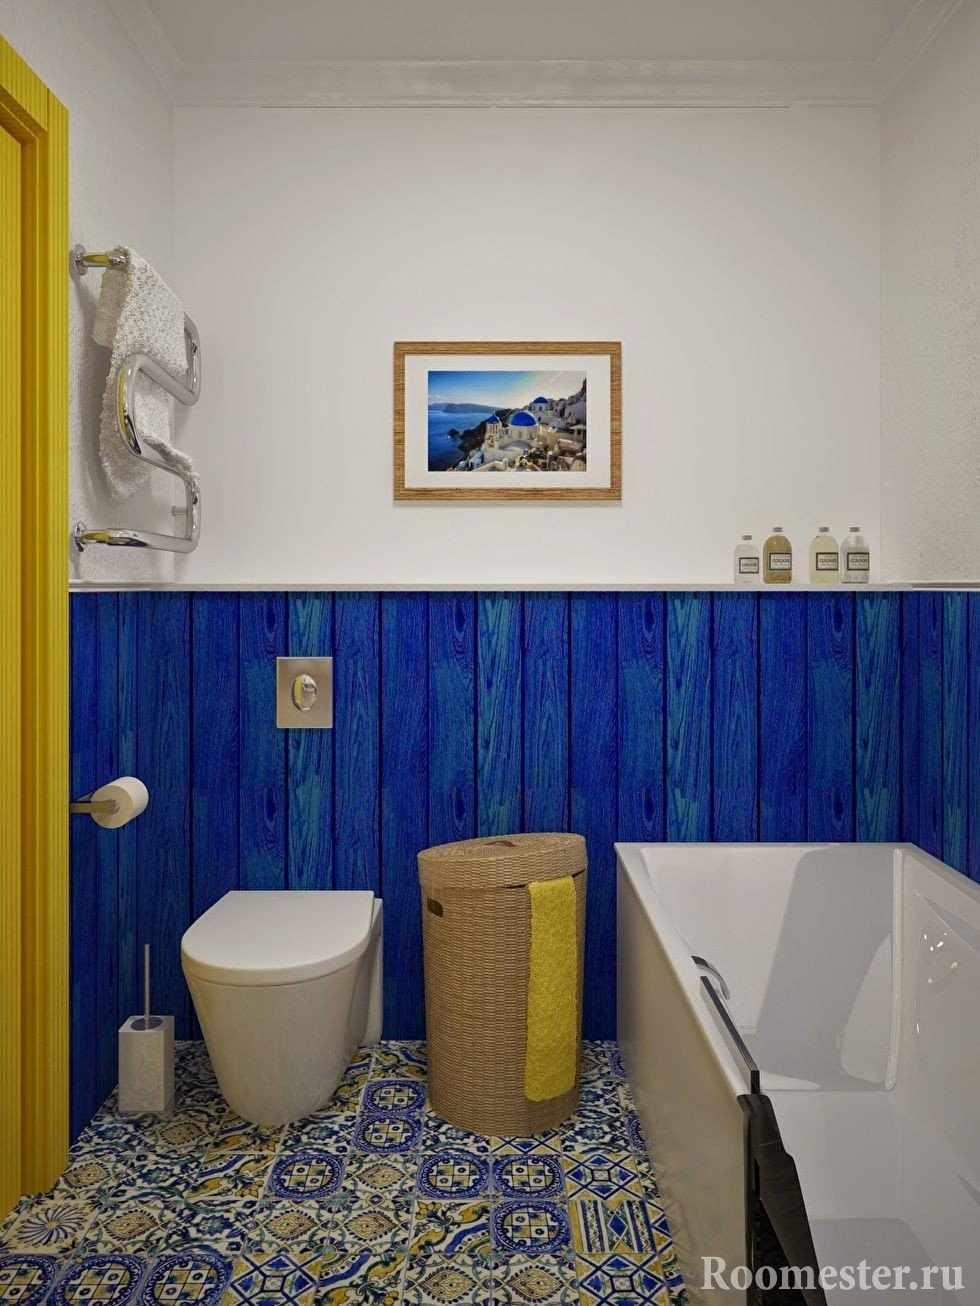 Крошечная ванна с туалетом